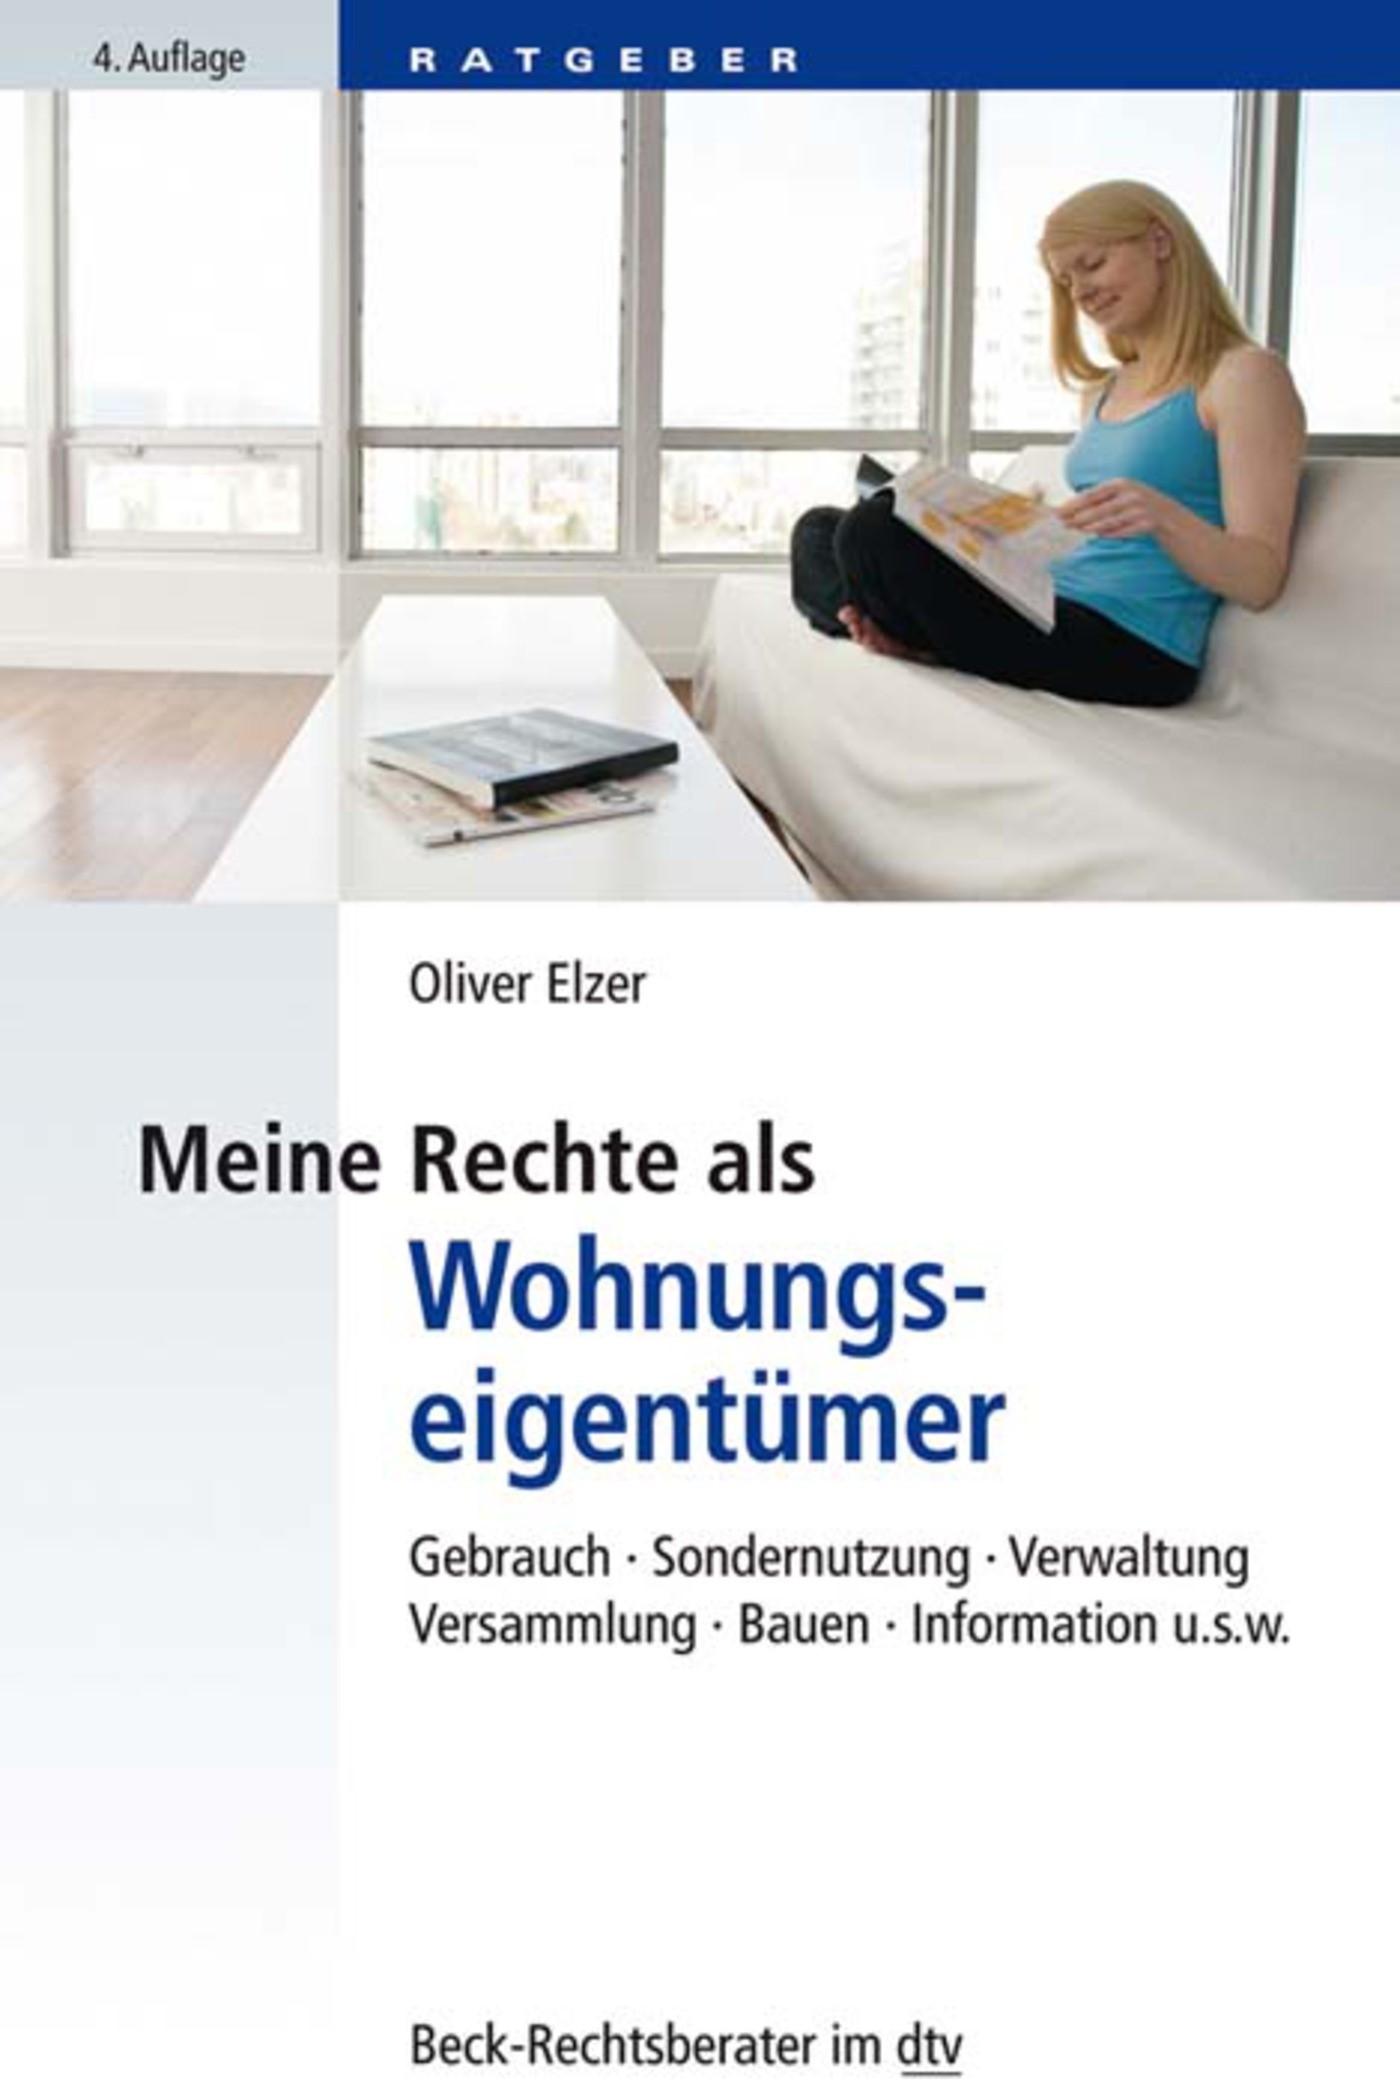 Meine Rechte als Wohnungseigentümer | Elzer | 4. Auflage, 2018 | eBook (Cover)